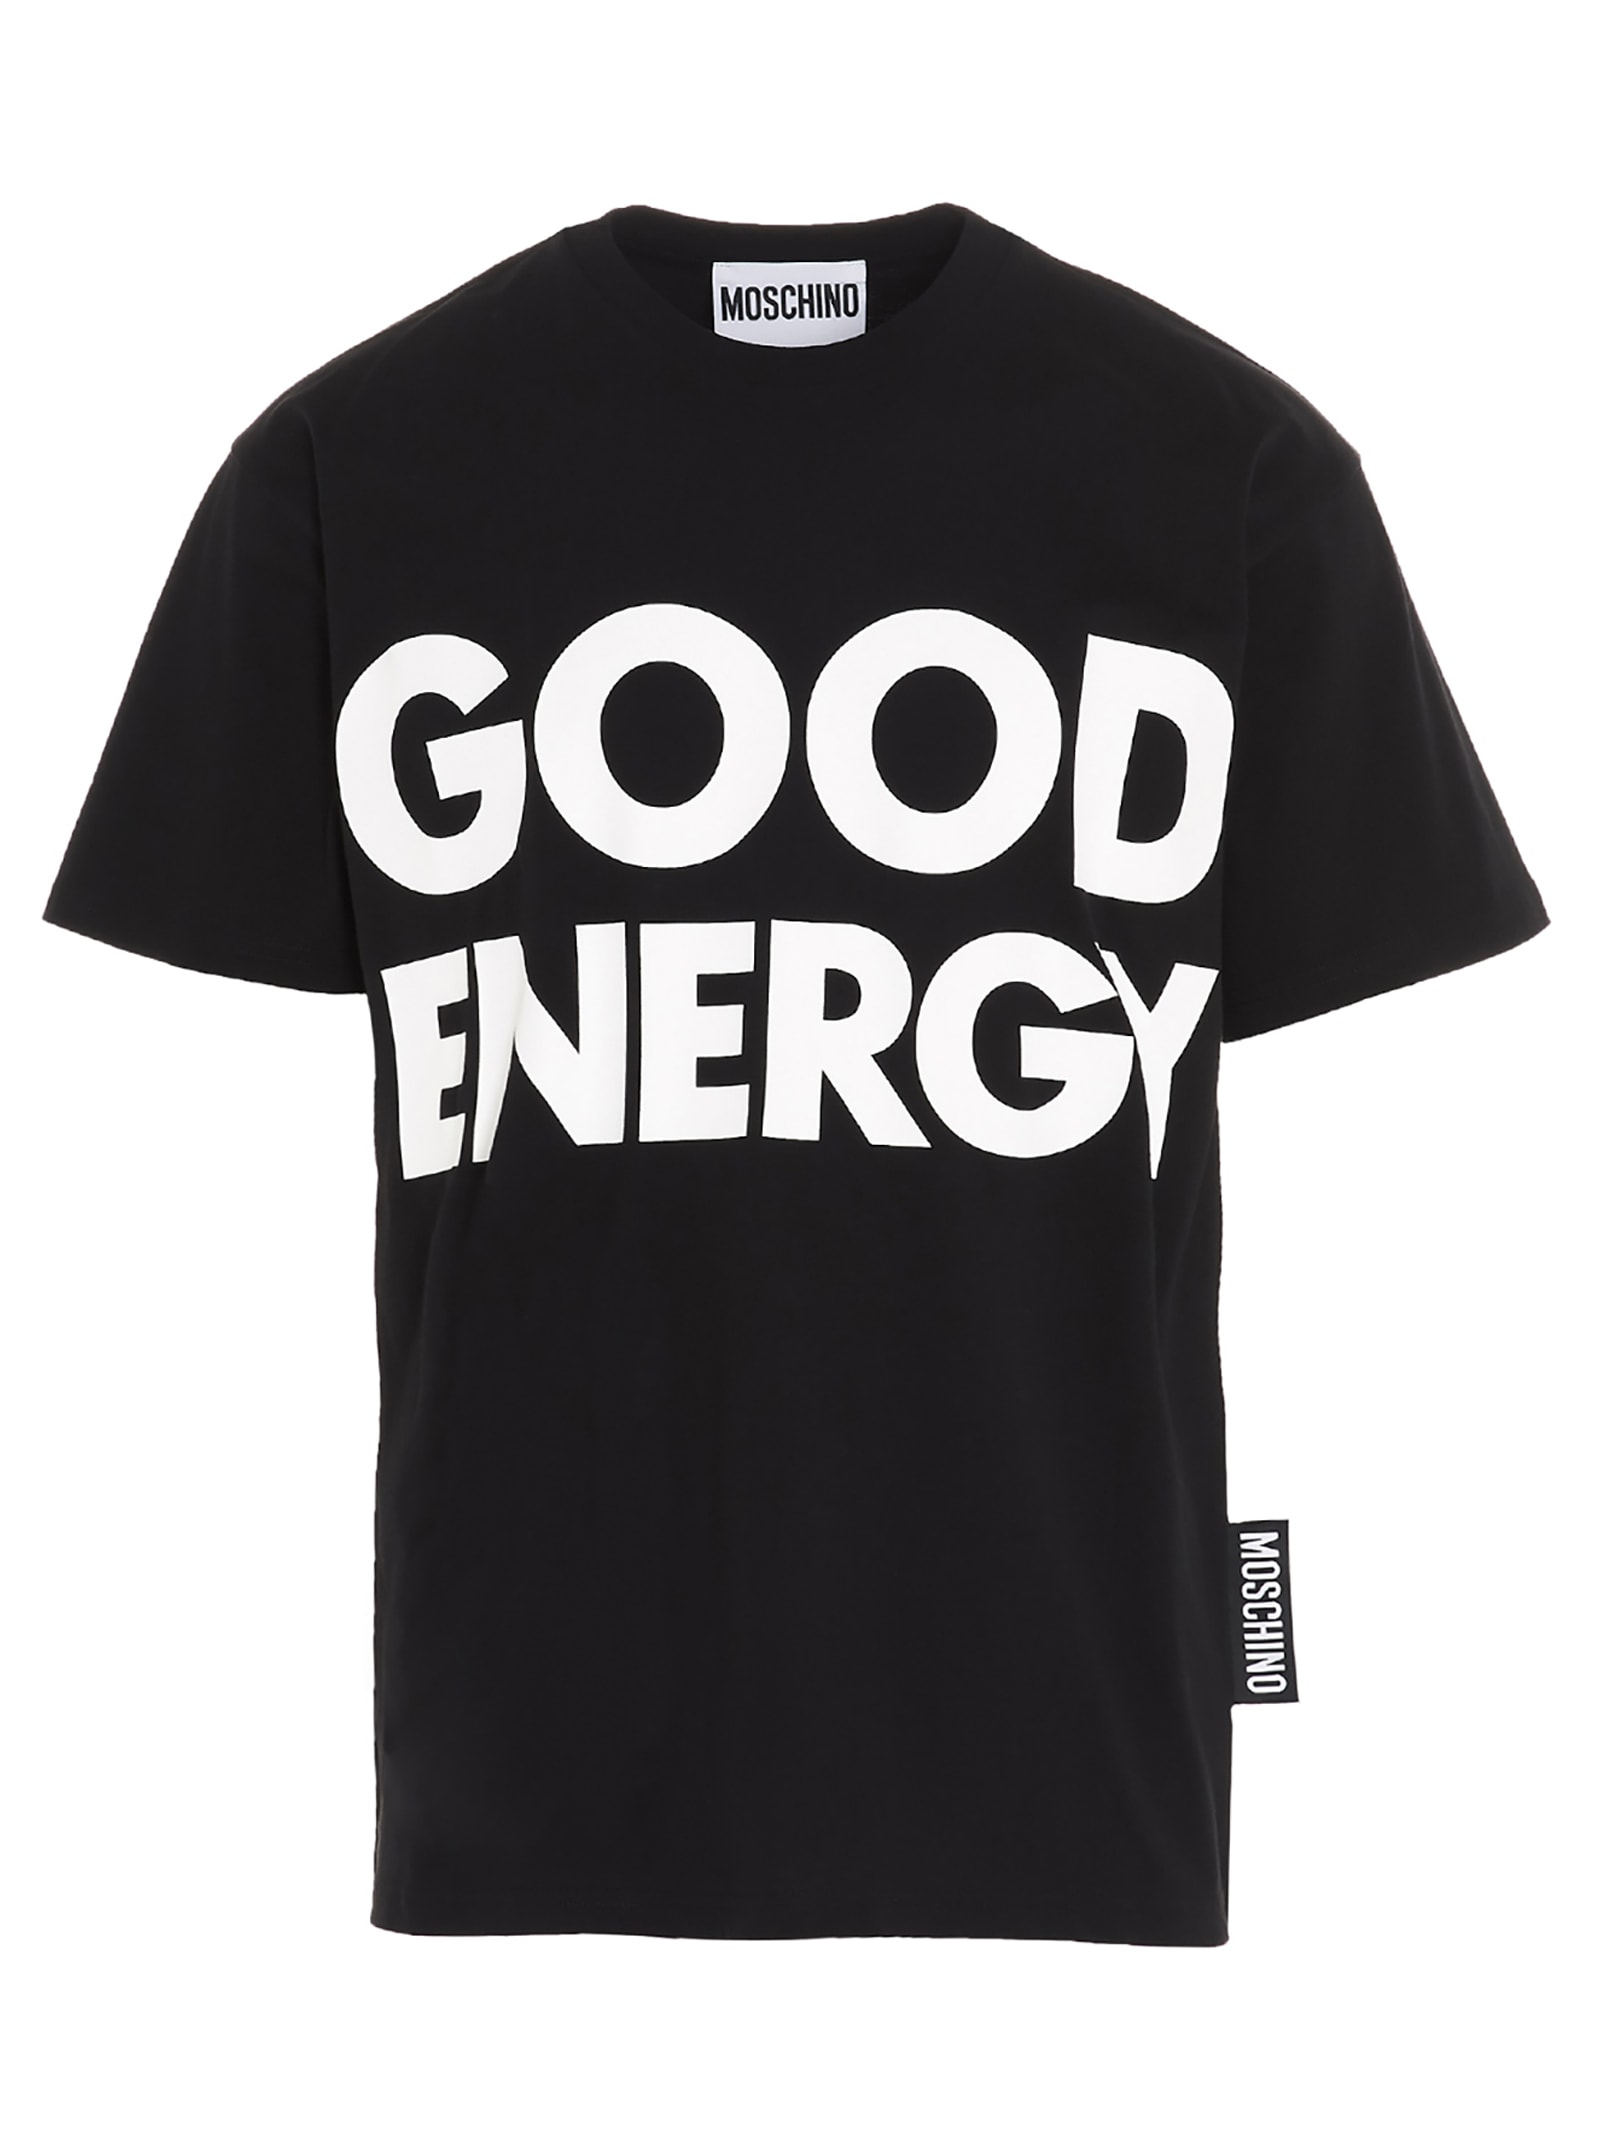 Moschino GOOD ENERGY T-SHIRT